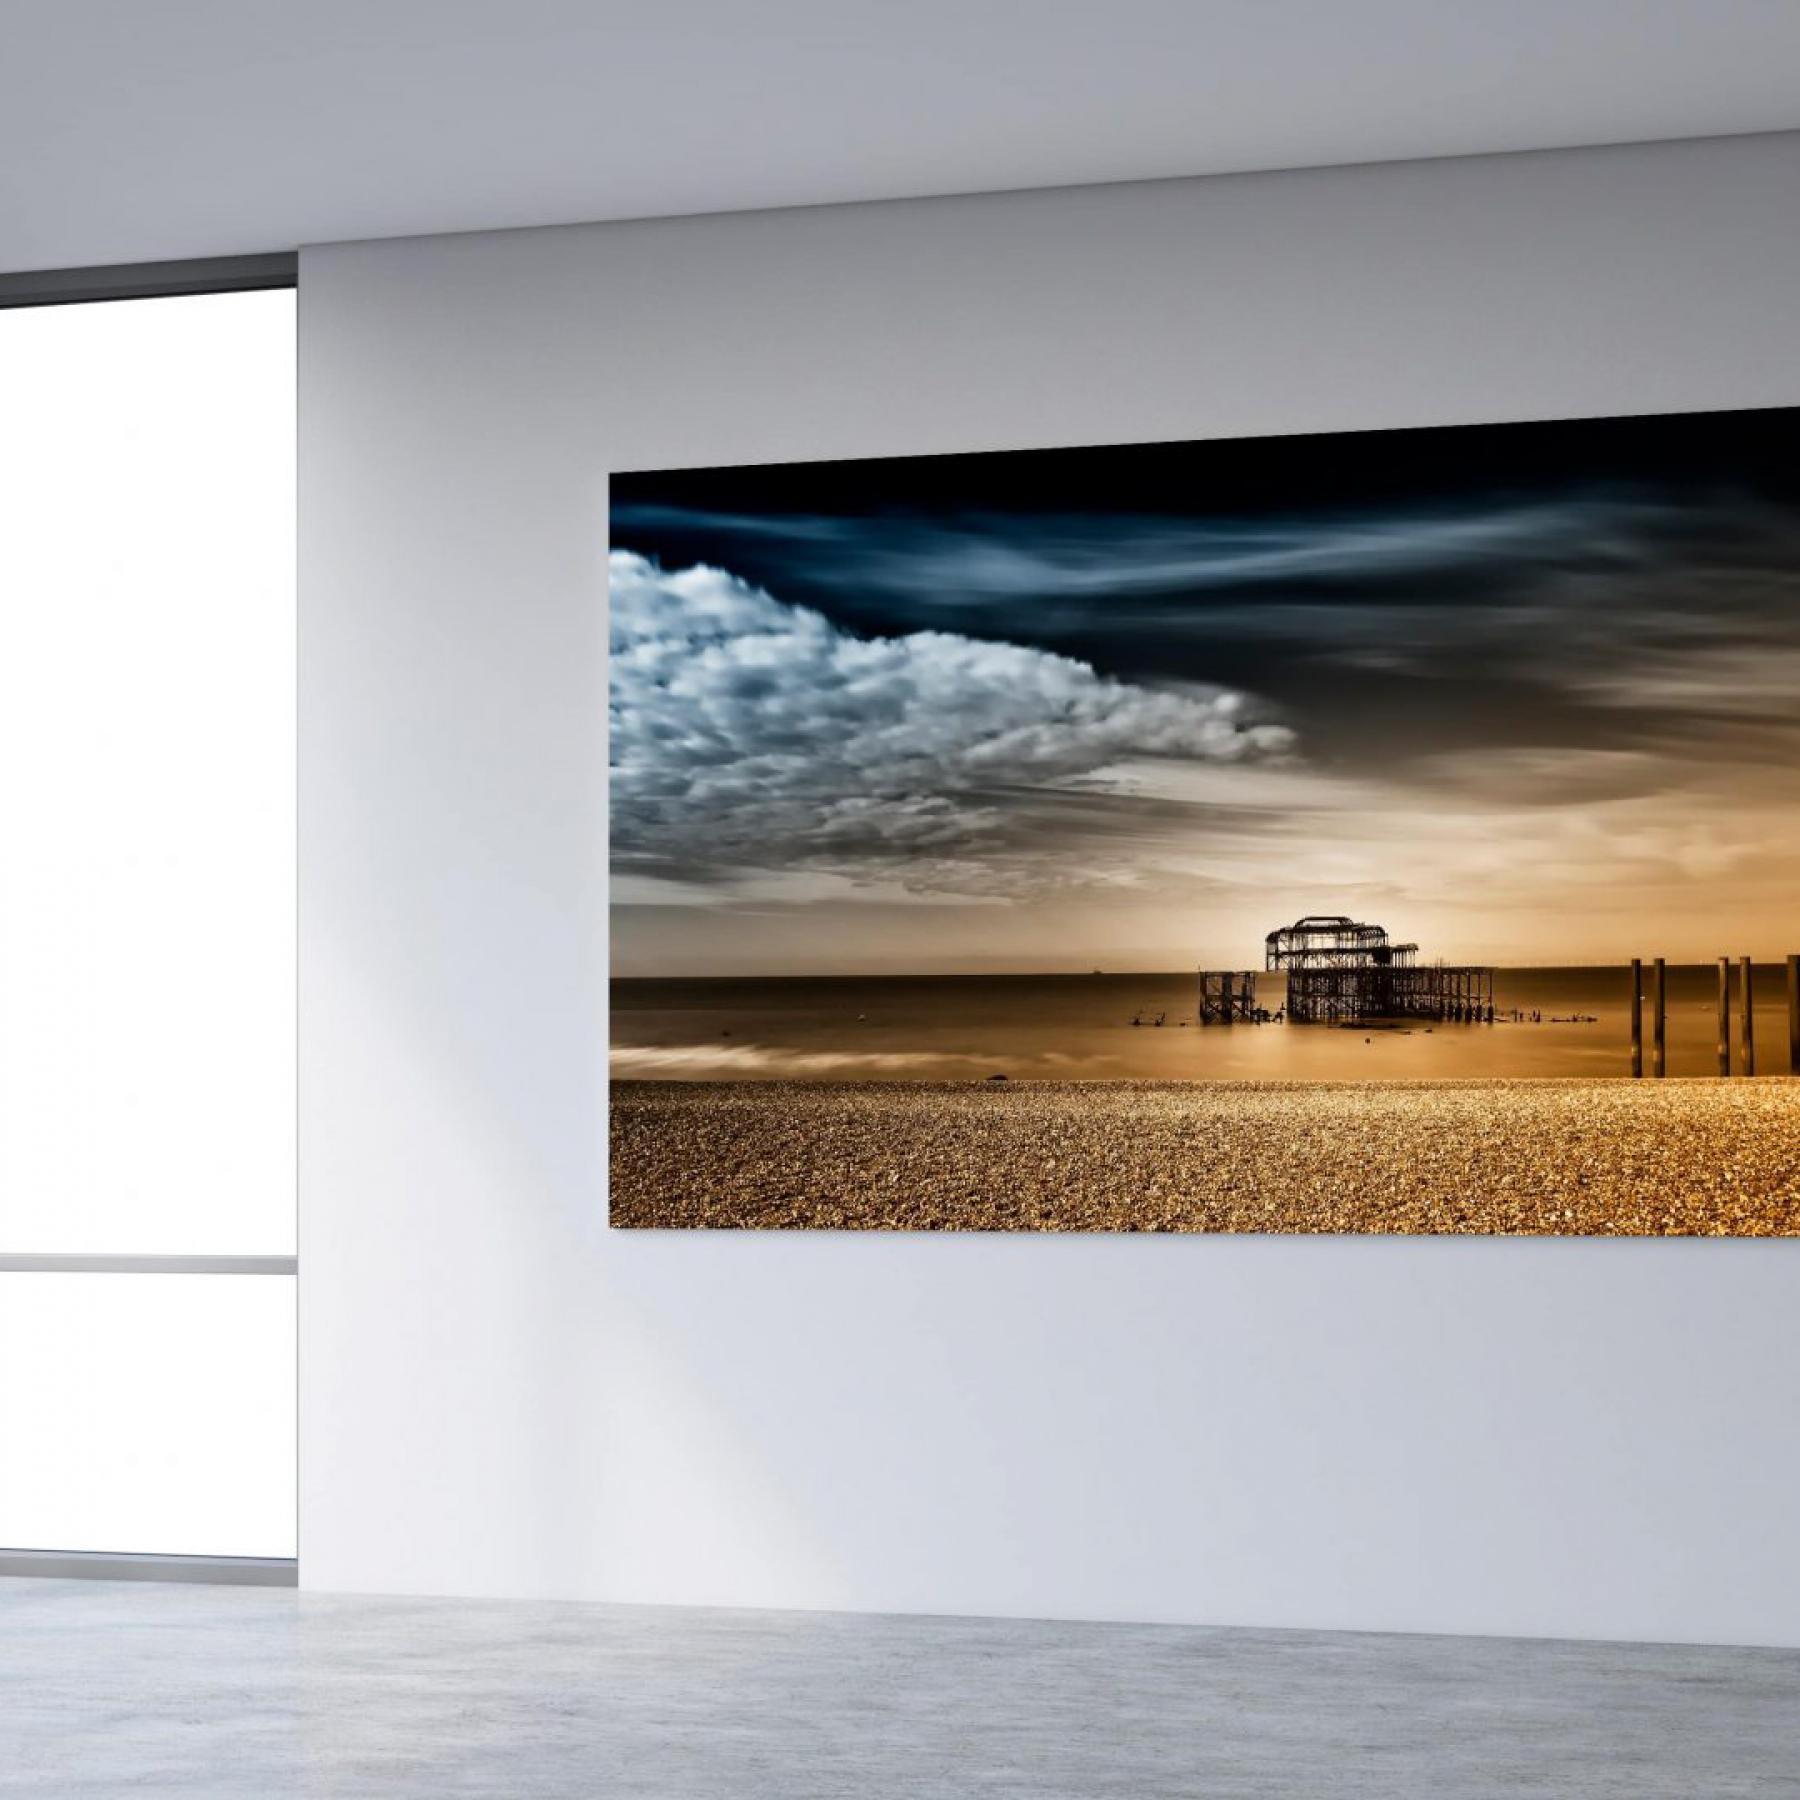 BRIGHTON BEACH UK